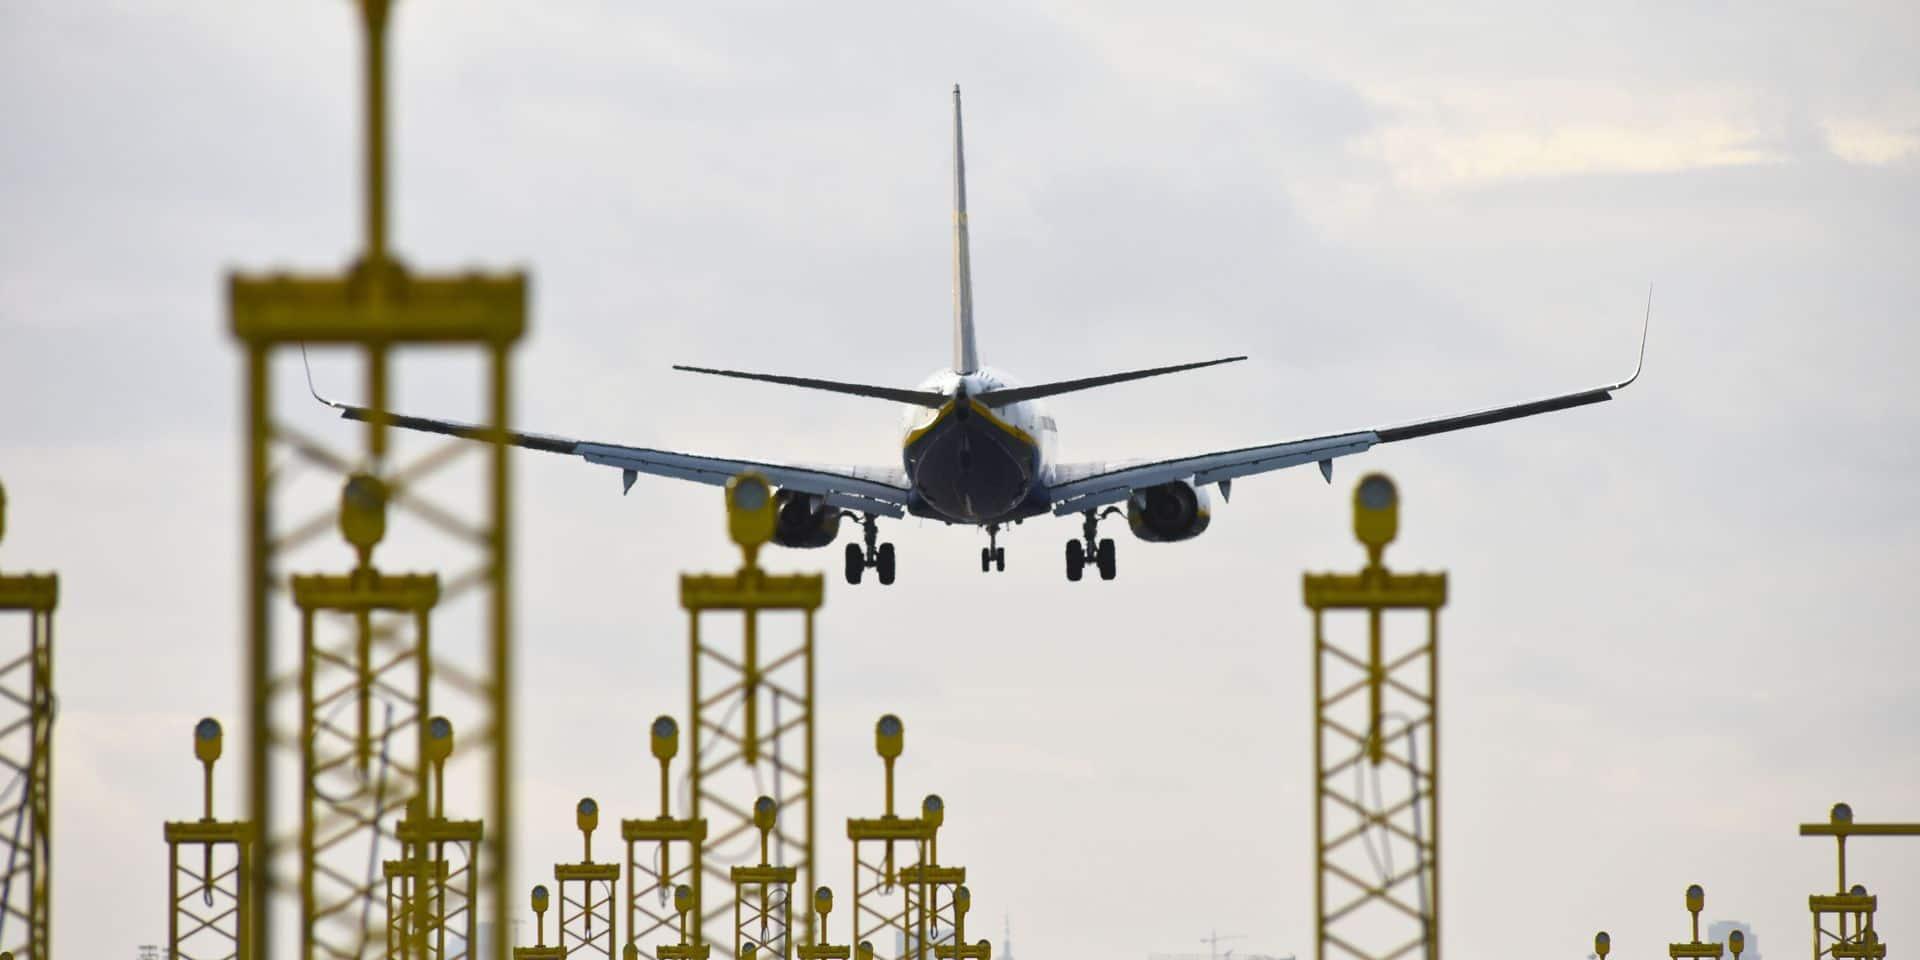 Selon la Cour de justice de l'Union européenne, un retard d'un vol remplaçant un vol annulé donne droit à une 2e indemnisation